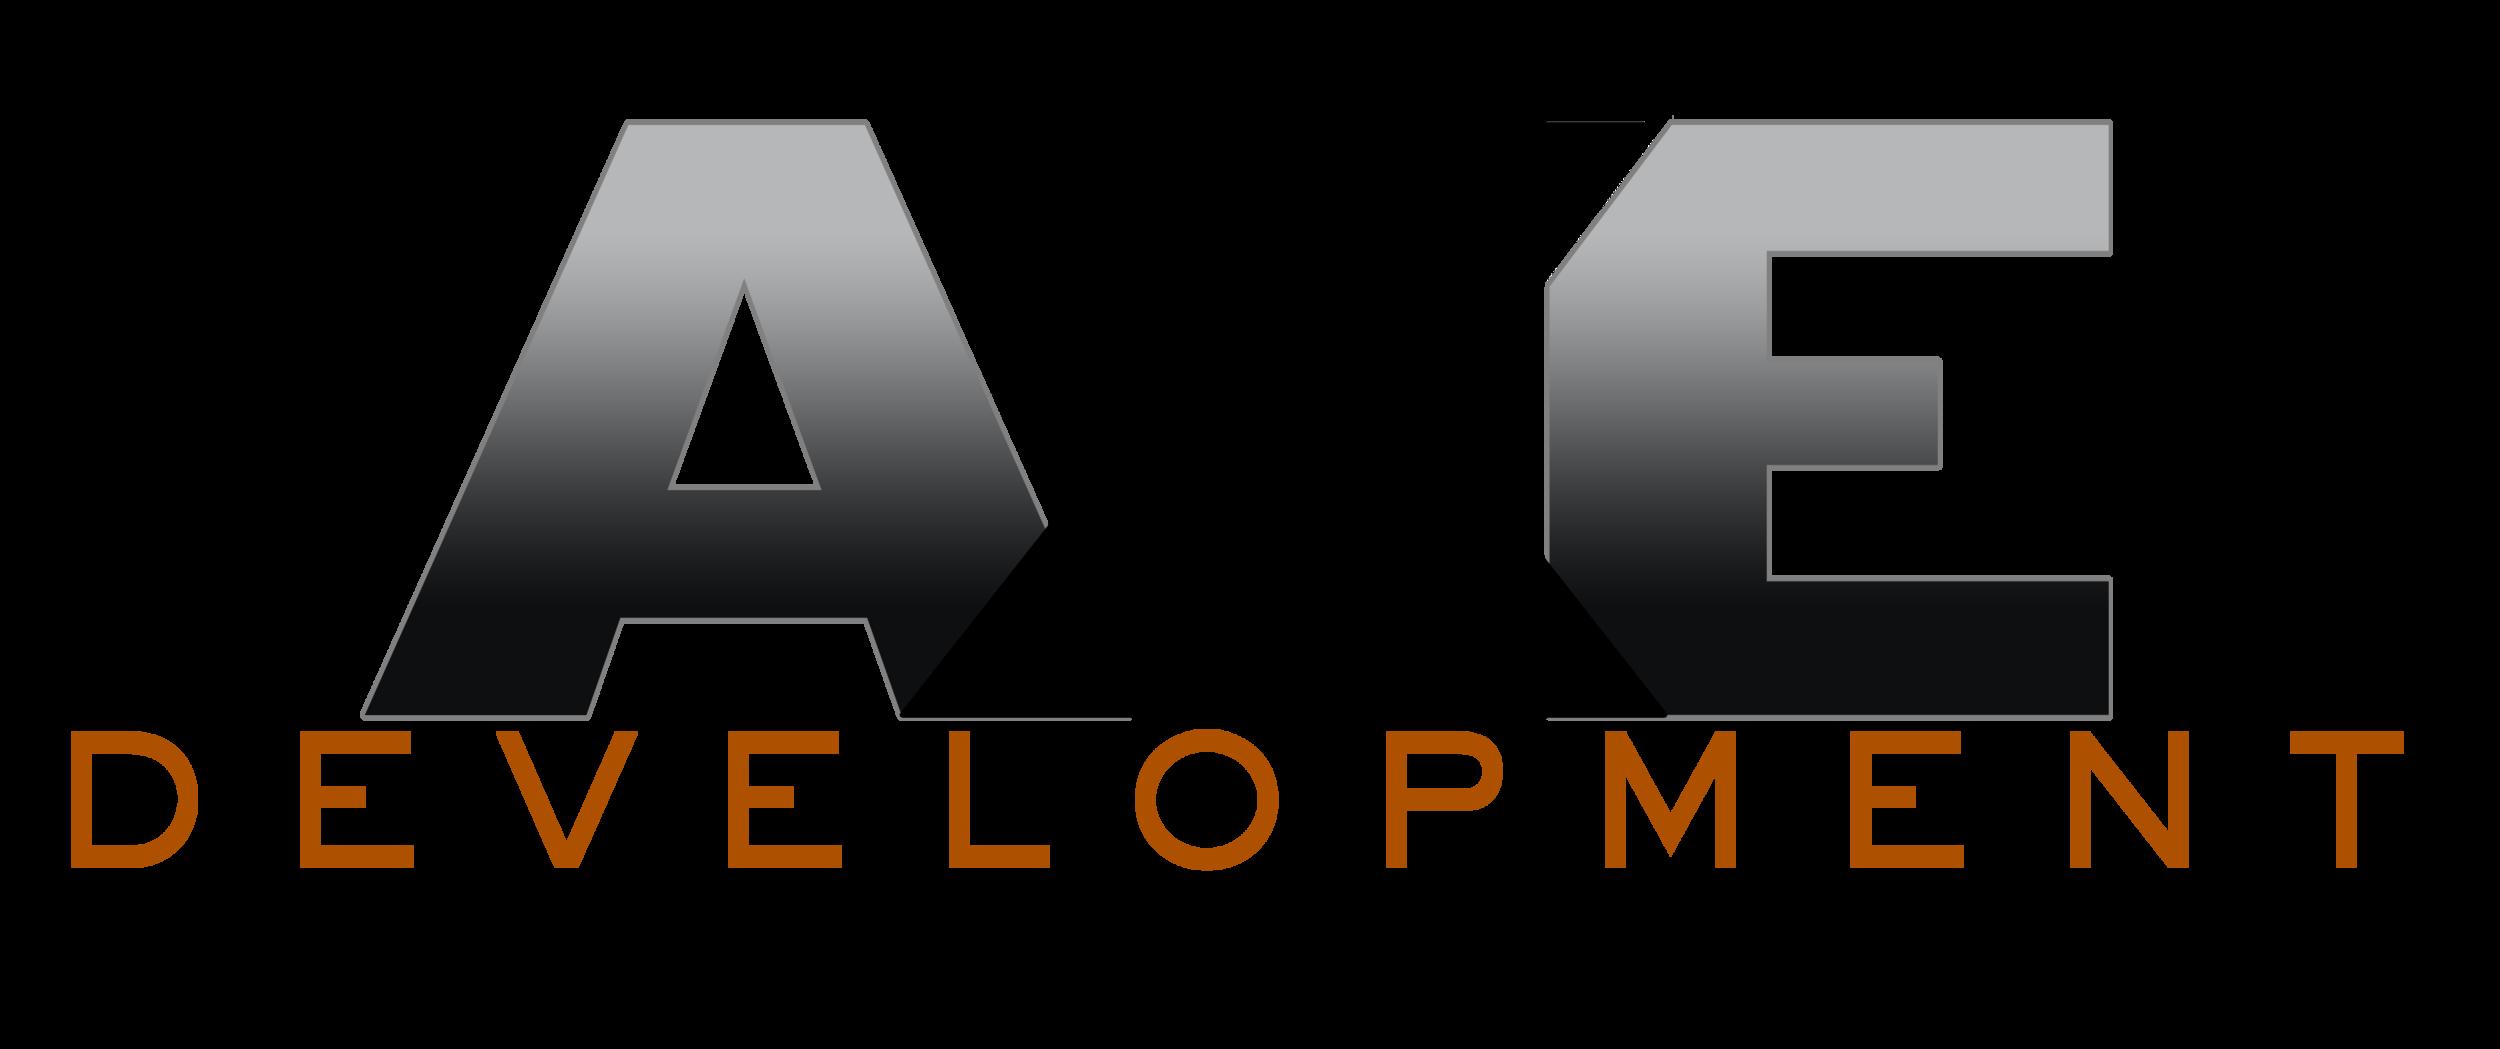 AxeLogo2017.png